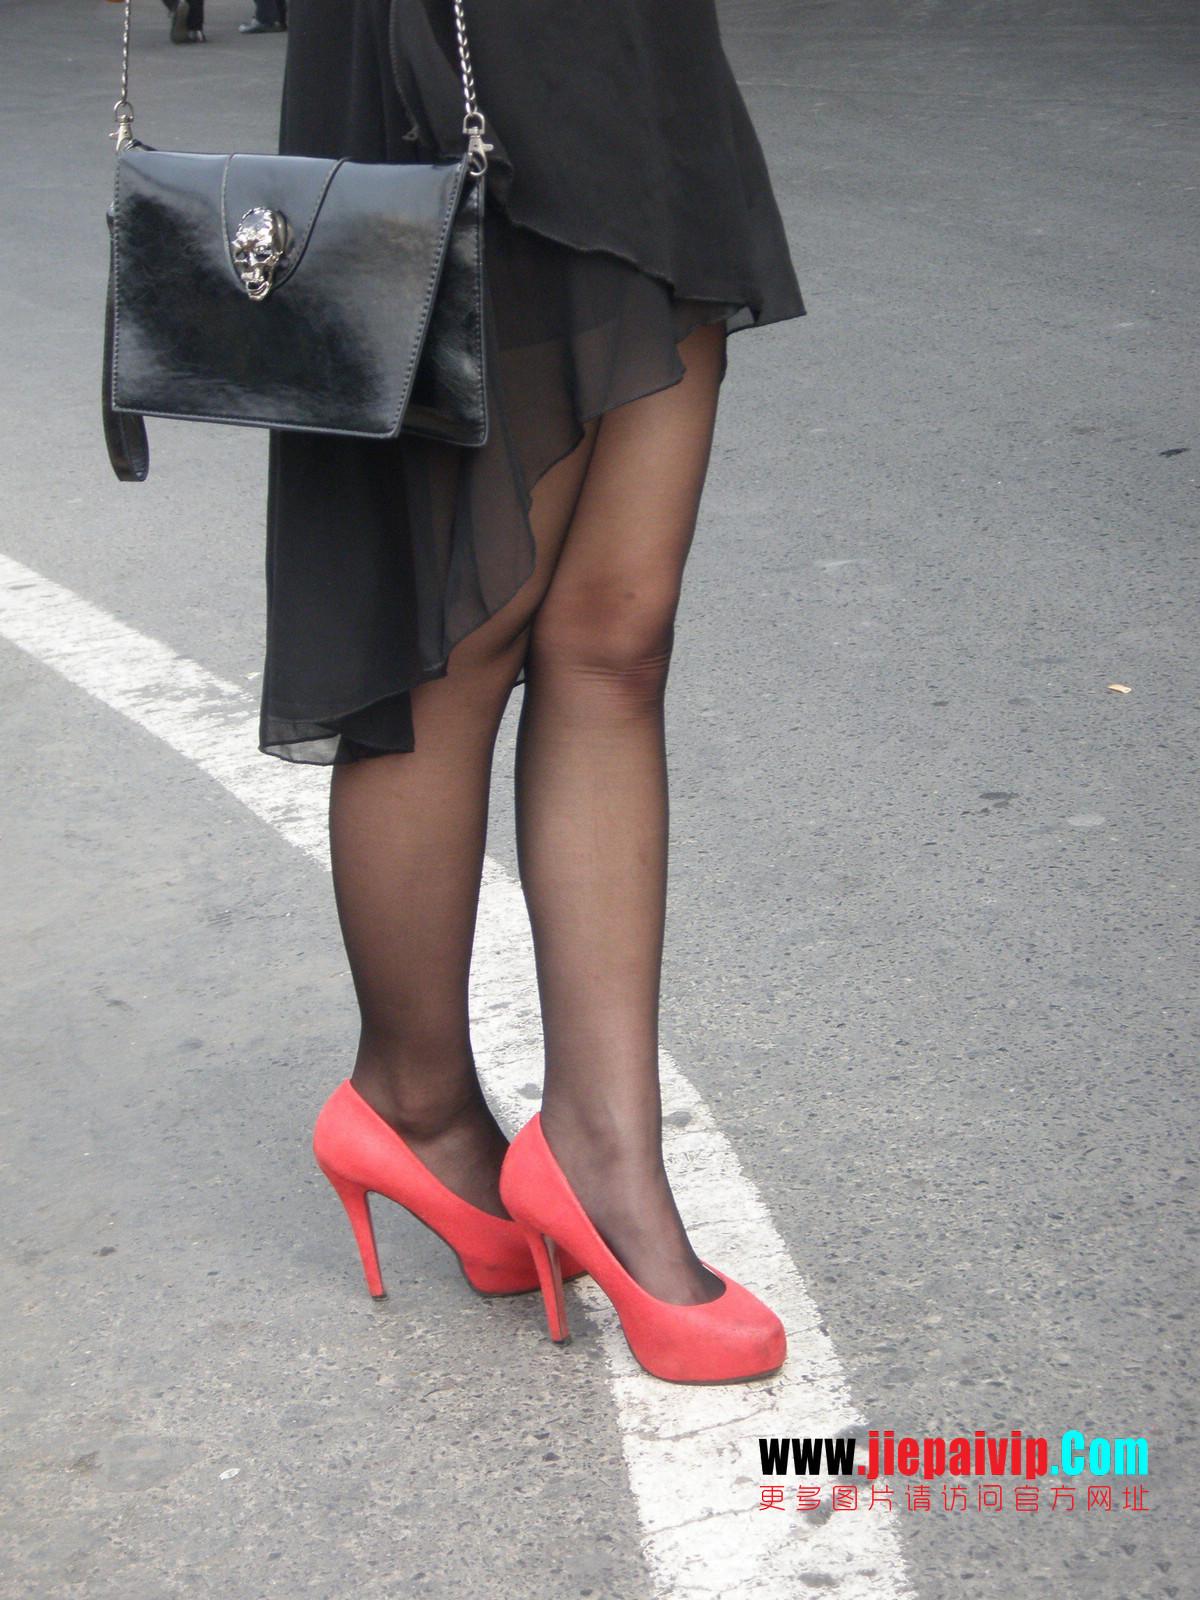 性感的红色高跟鞋黑丝袜美腿女人21